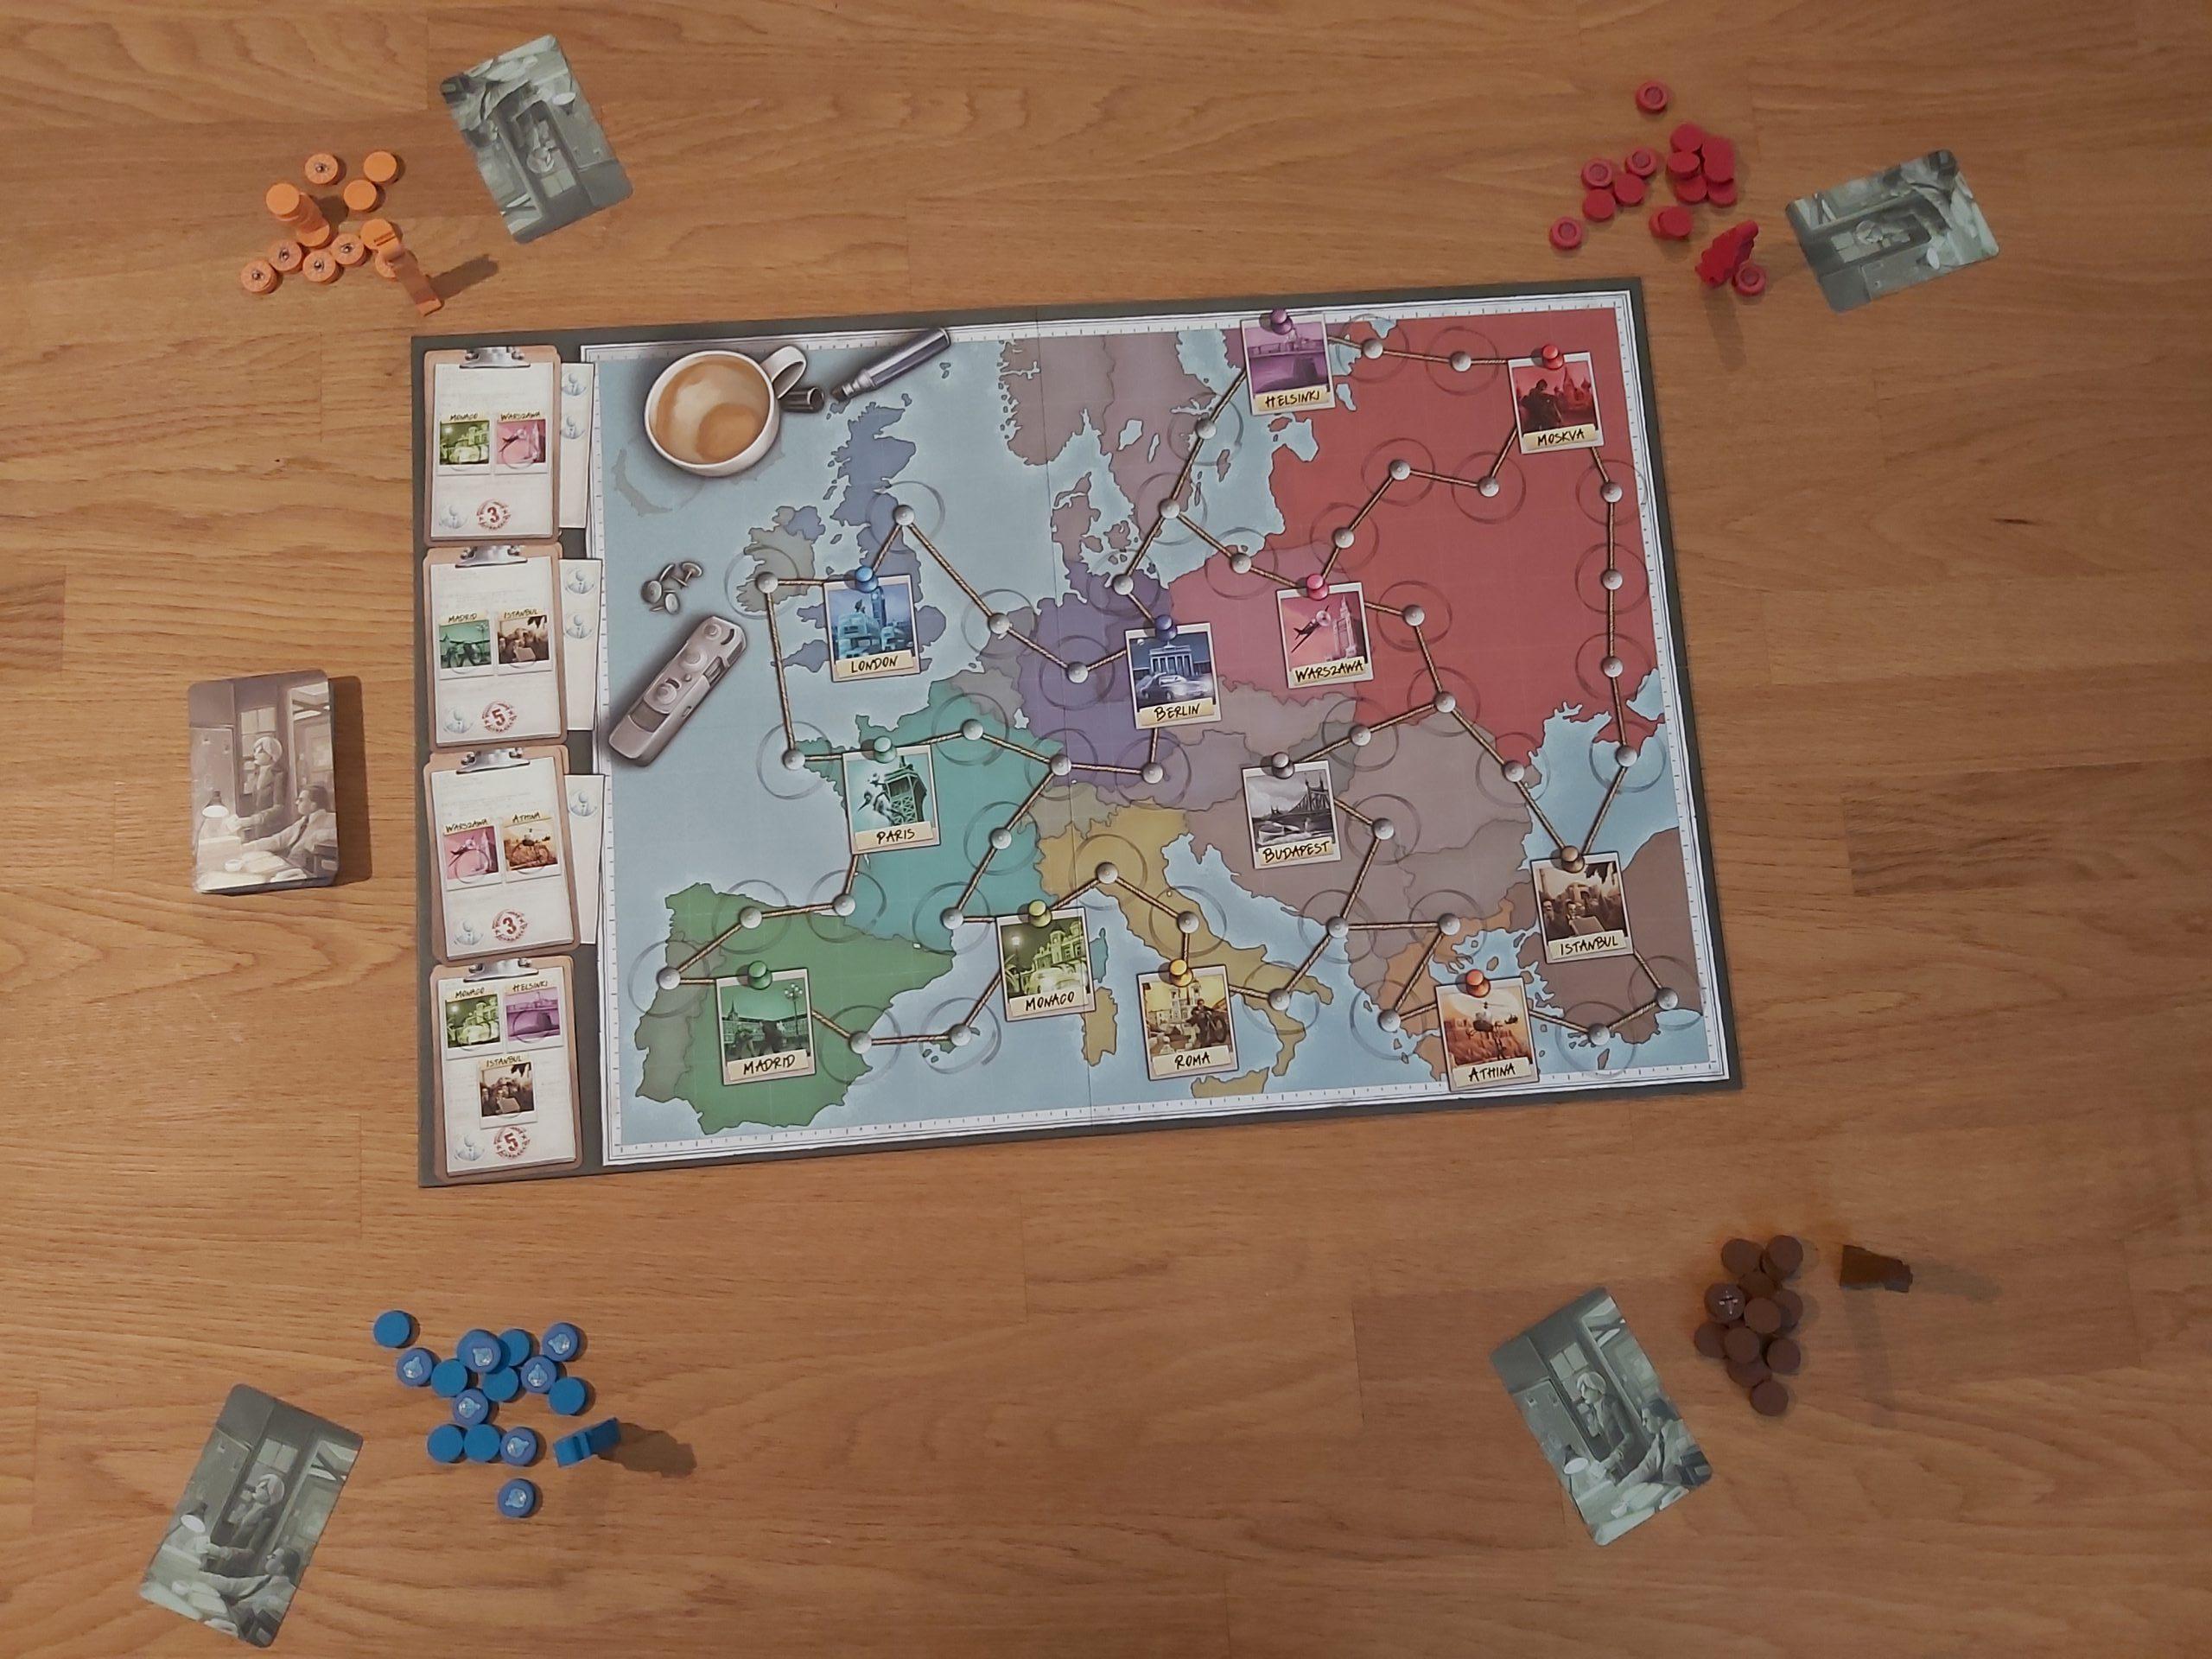 Zu sehen ist der Spielaufbau von Spy Connection für 4 Spielende.